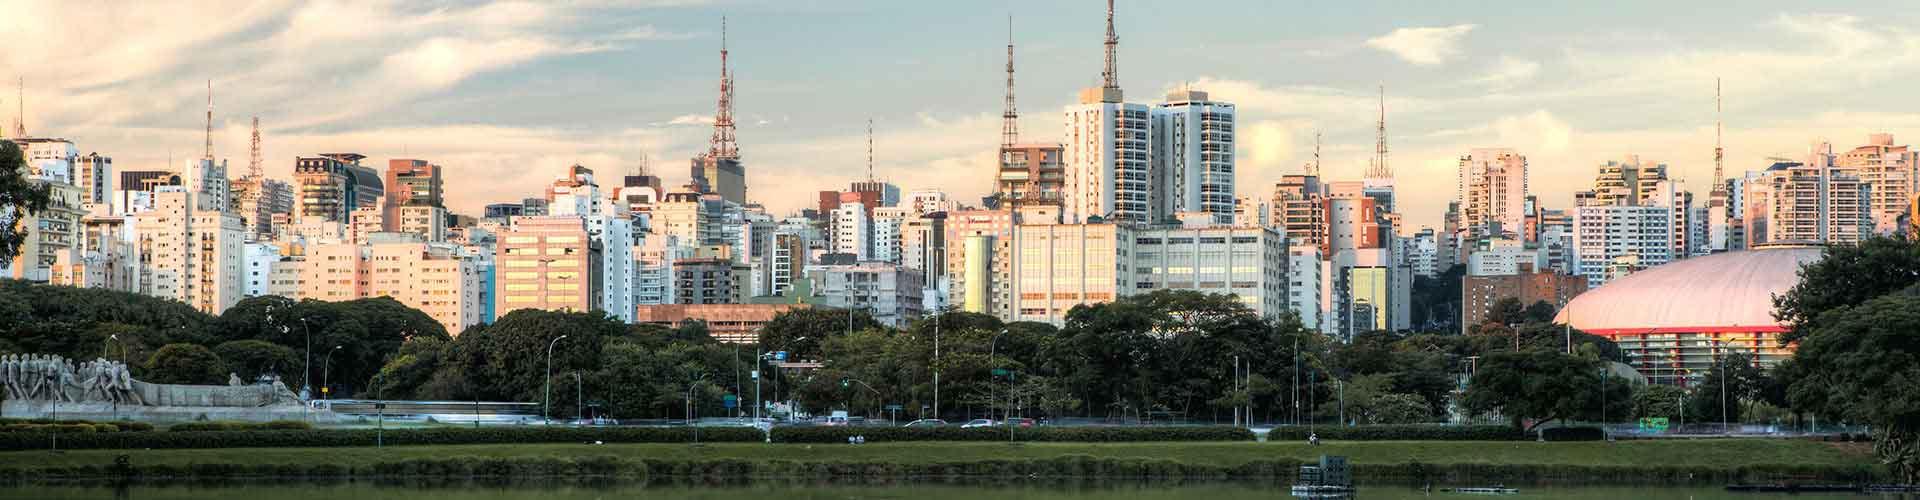 Sao Paulo - Hostele w mieście: Sao Paulo, Mapy: Sao Paulo, Zdjęcia i Recenzje dla każdego hostelu w mieście Sao Paulo.